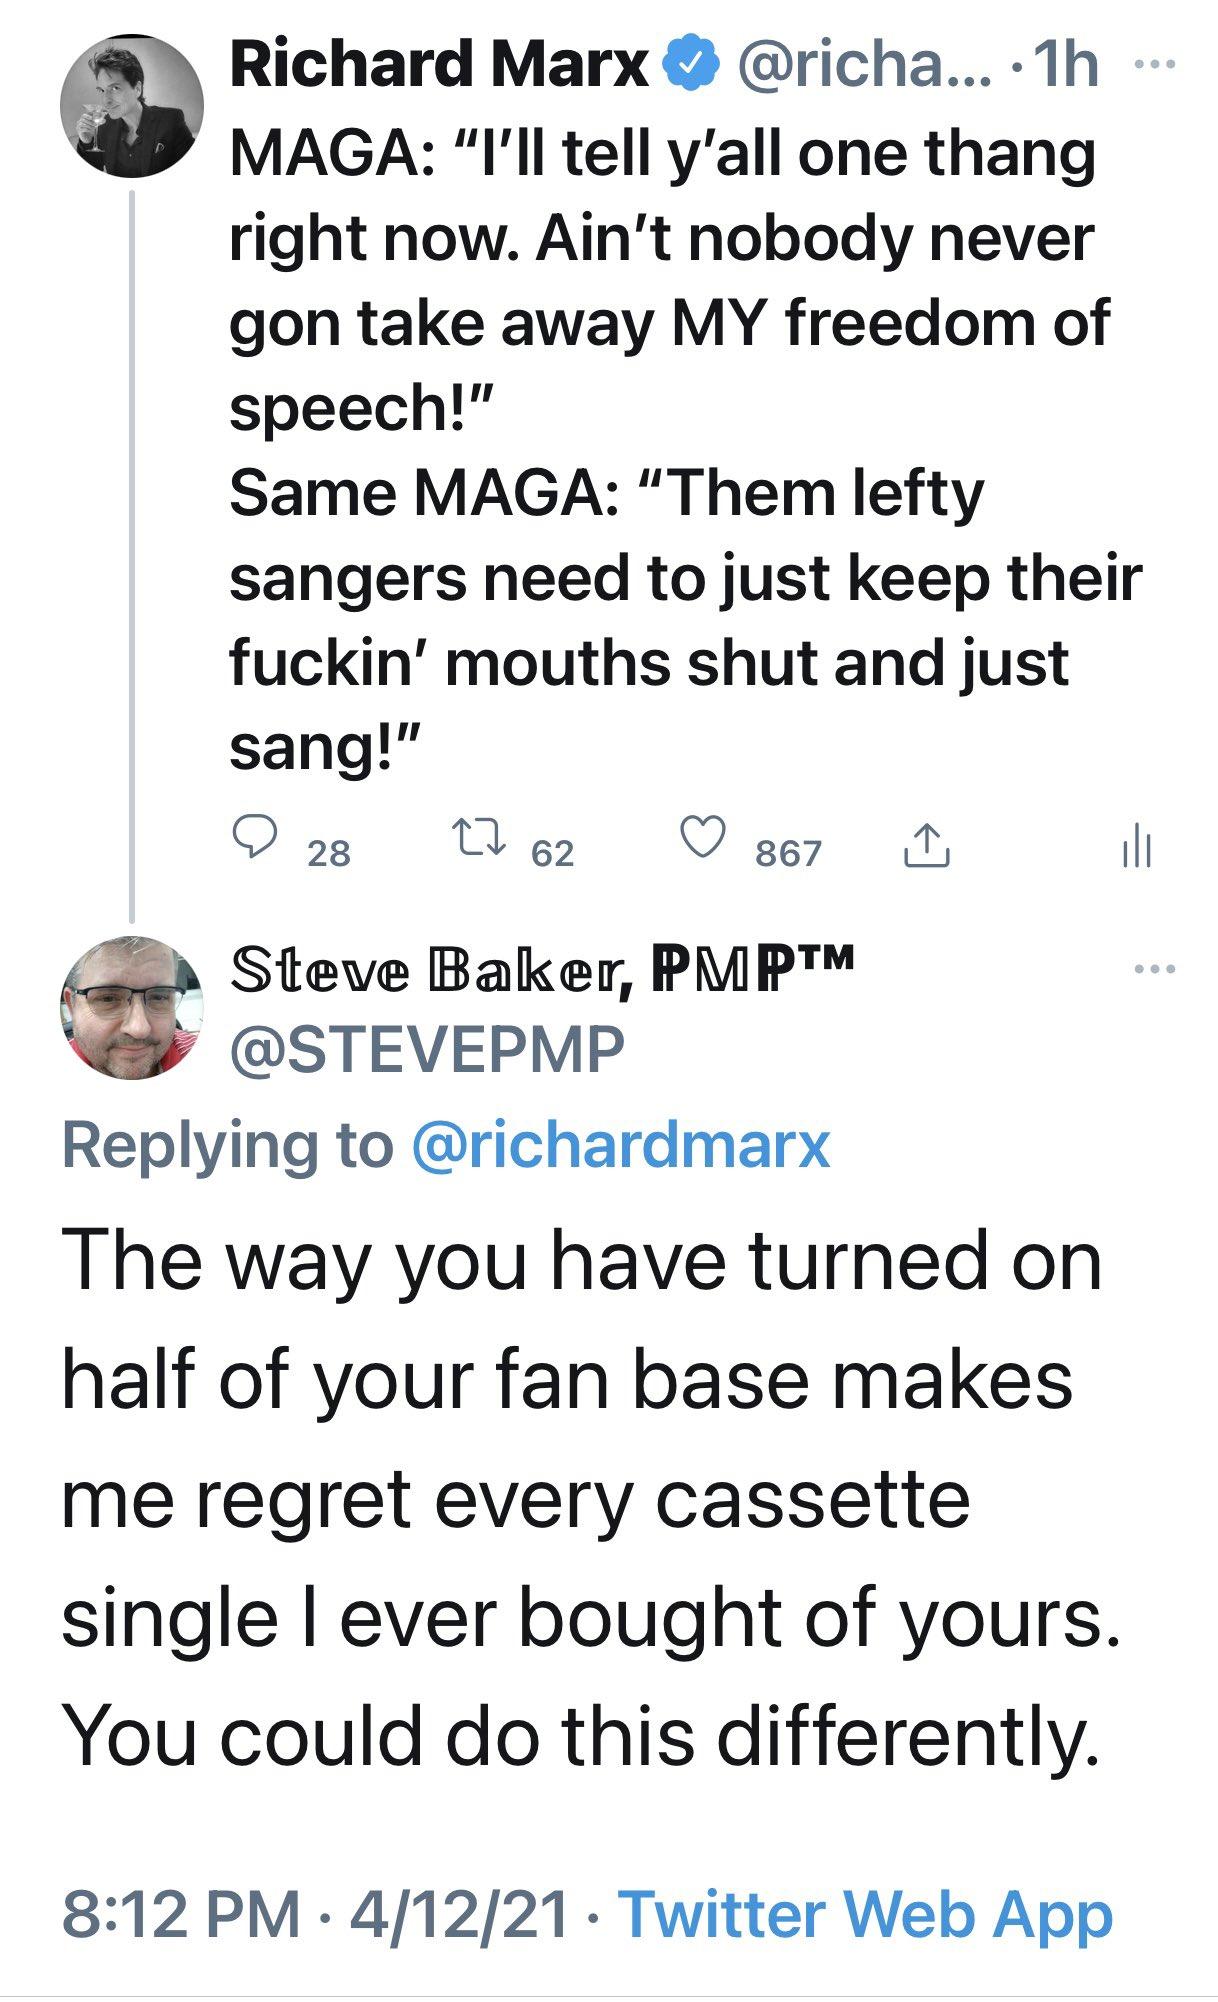 Richard marx tweet